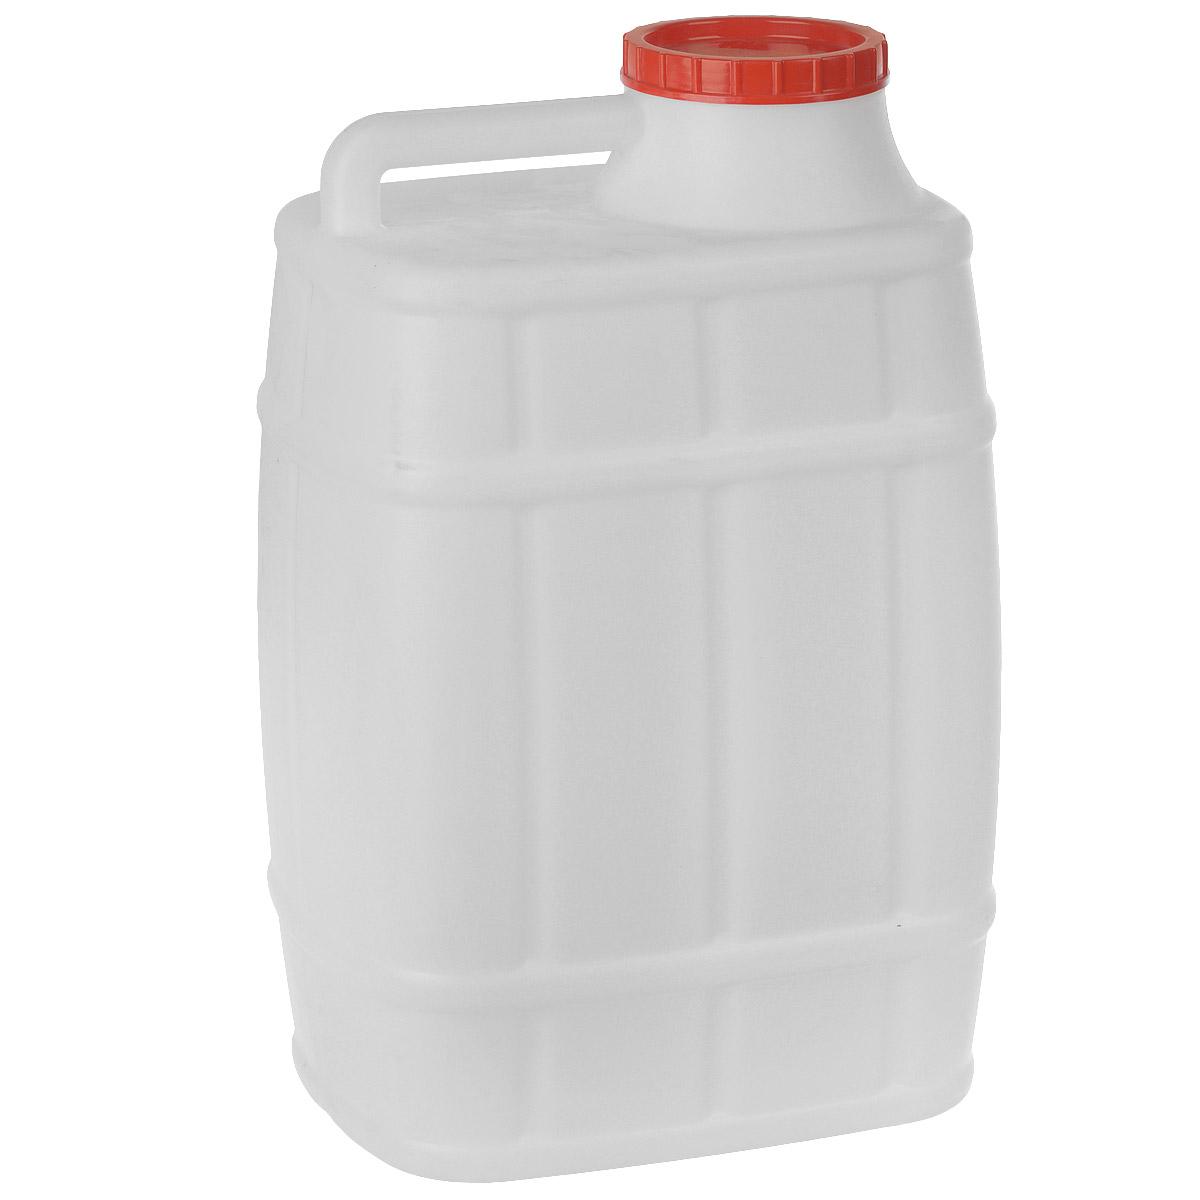 Канистра Альтернатива, 25 лM974Канистра Альтернатива на 25 литров, изготовленная из прочного пластика, несомненно, пригодится вам во время путешествия. Предназначена для переноски и хранения различных жидкостей.